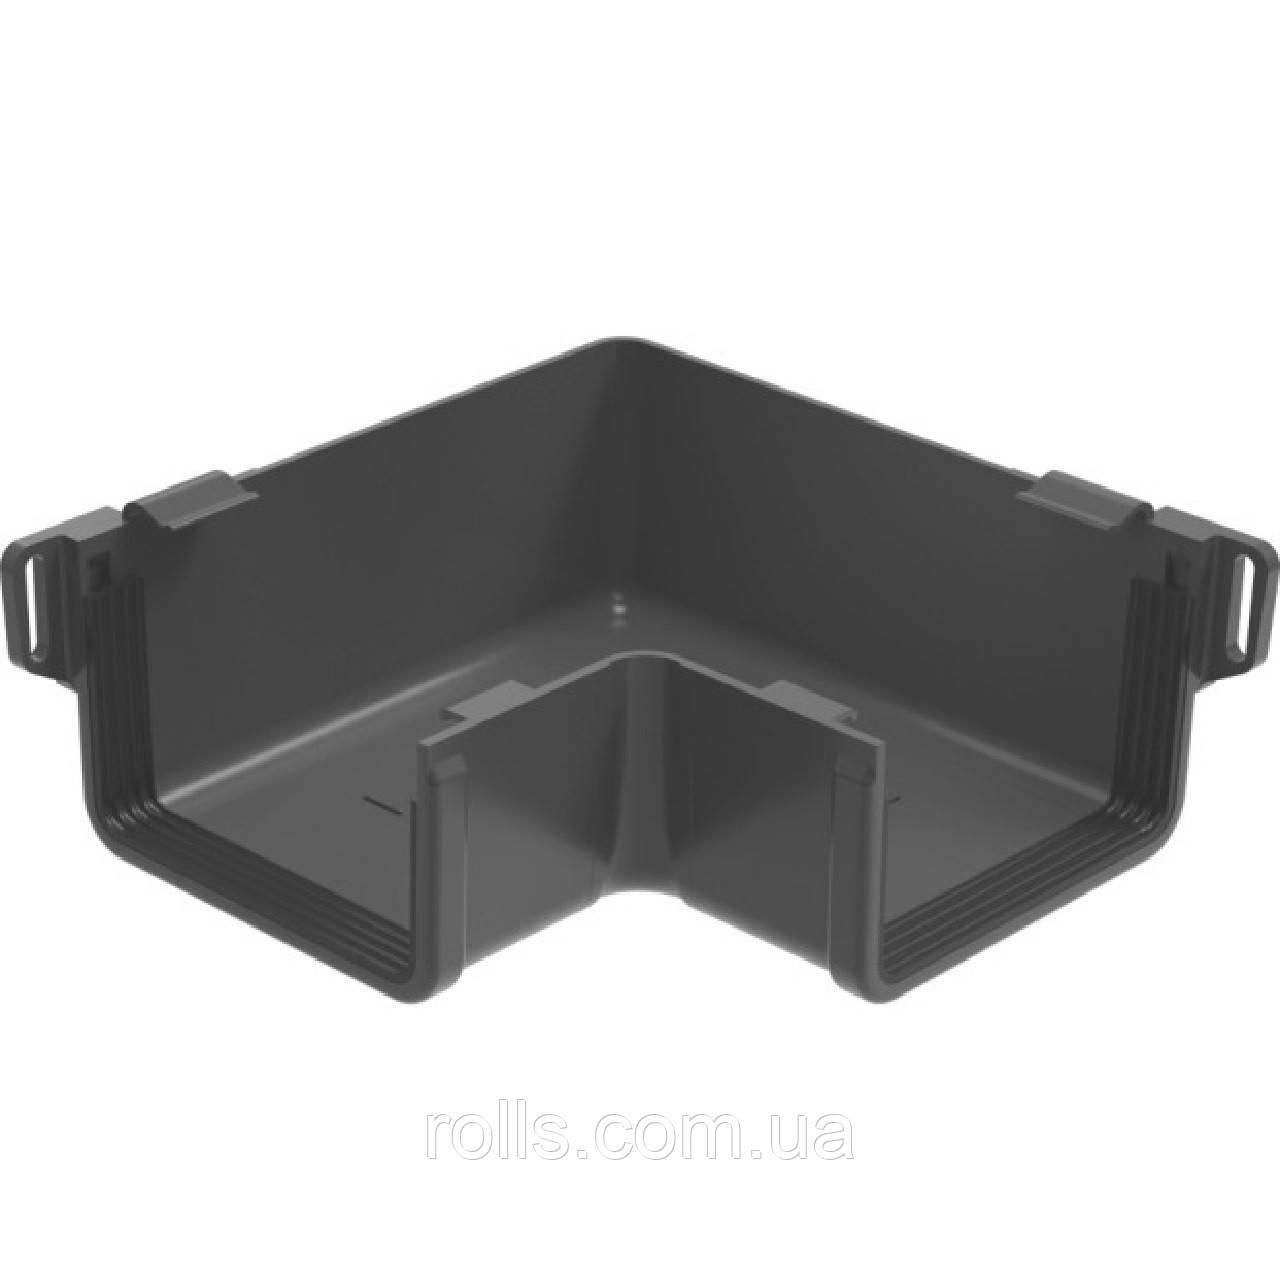 Угол внутренний 90° Galeko PVC² 135/70×80 кут внутрішній 90° ринви водостічної RQ135-_-LW090-G